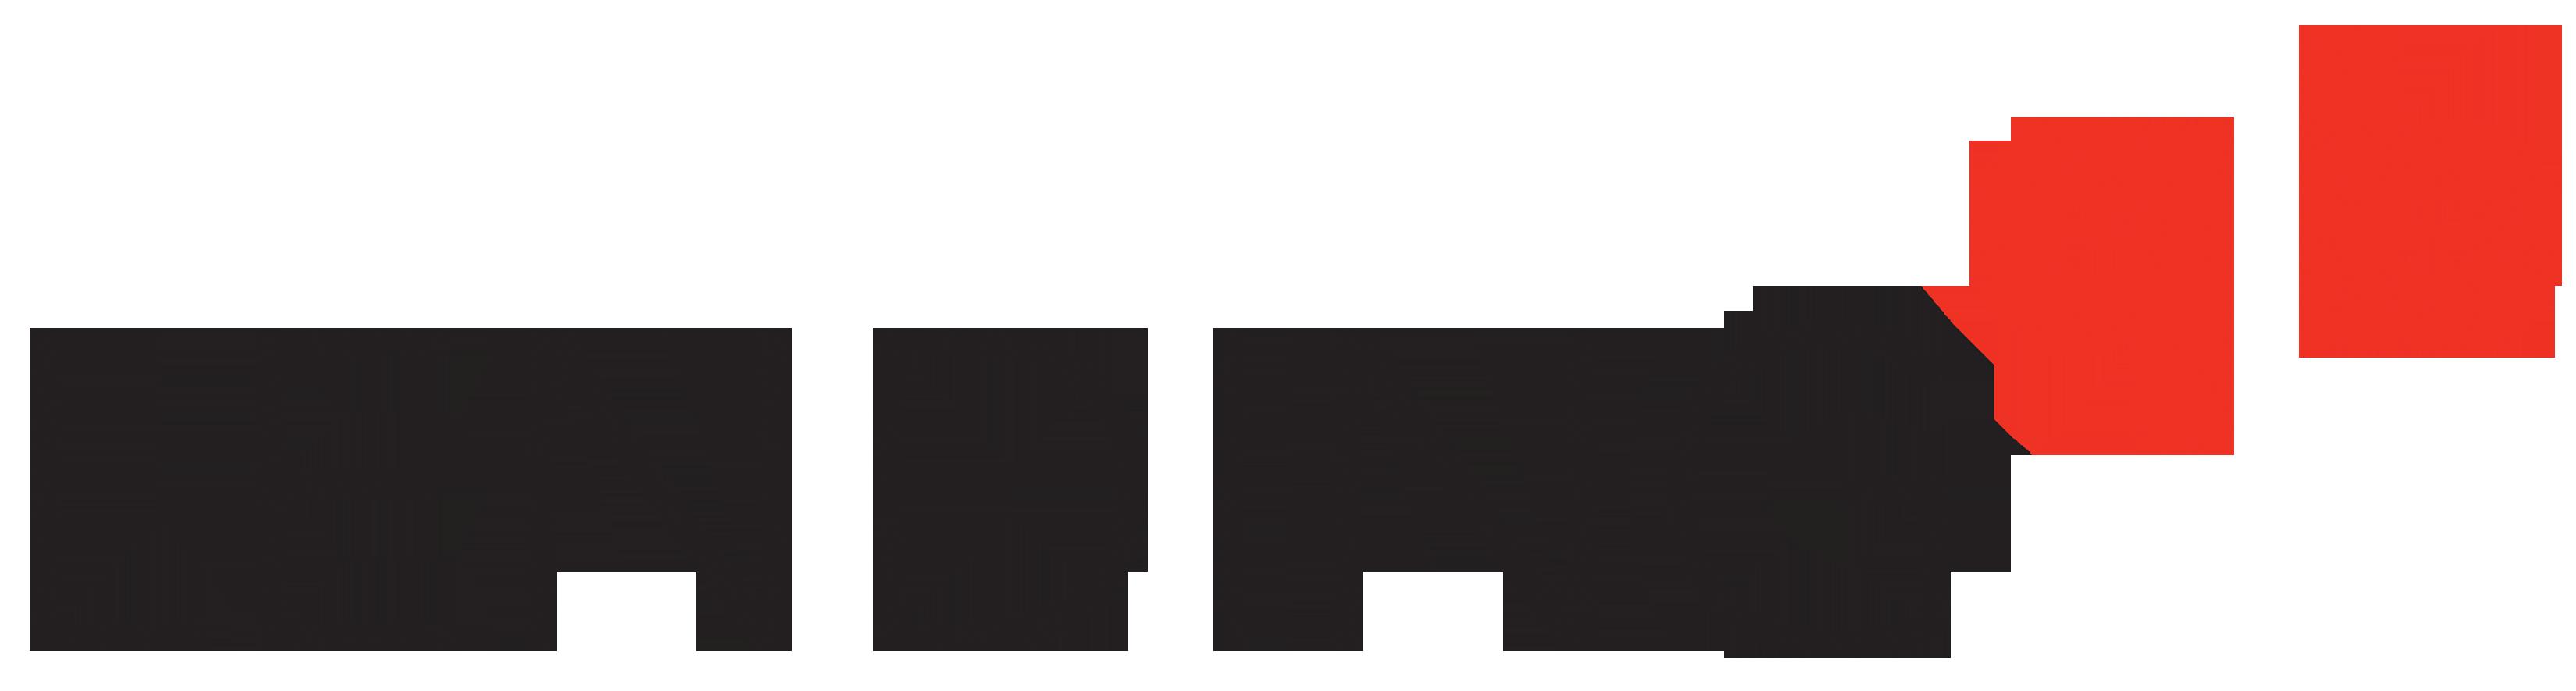 LendingQB logo (1).png